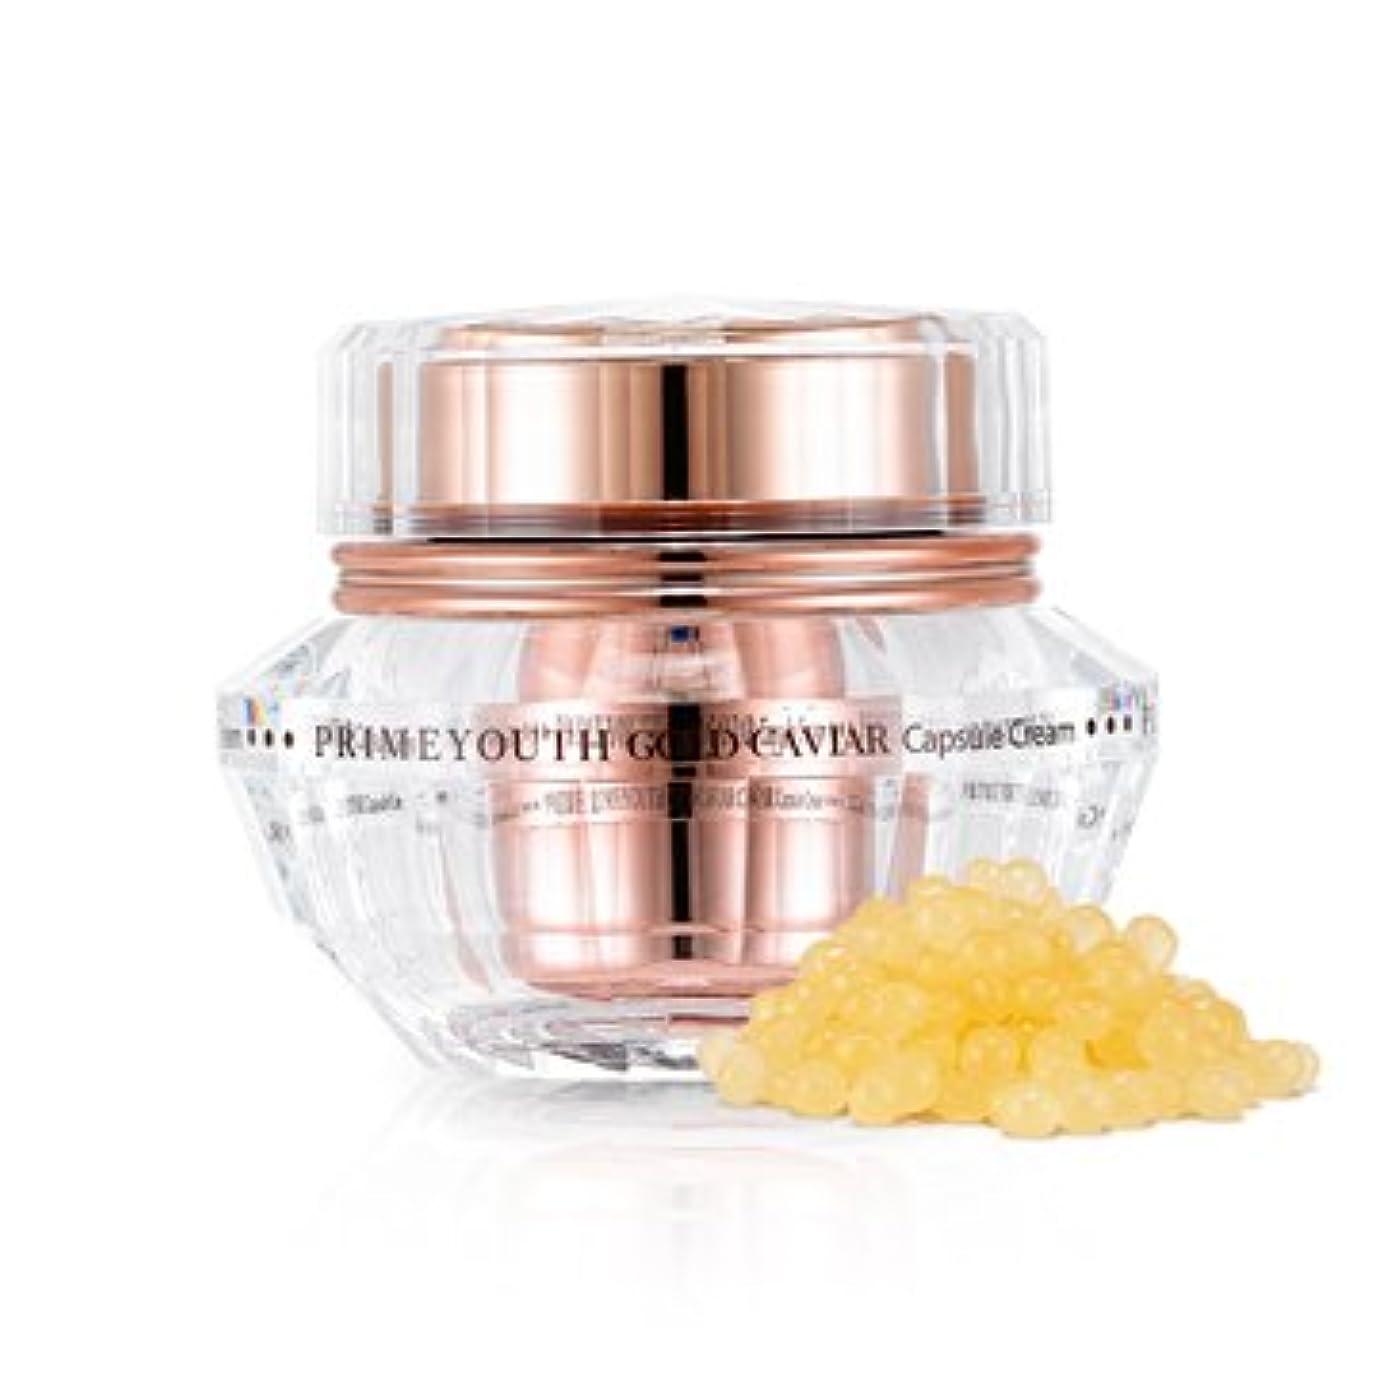 六月不利息苦しい[New] Holika Holika Prime Youth Gold Caviar Capsule Cream 50g/ホリカホリカ プライム ユース ゴールド キャビア カプセル クリーム 50g